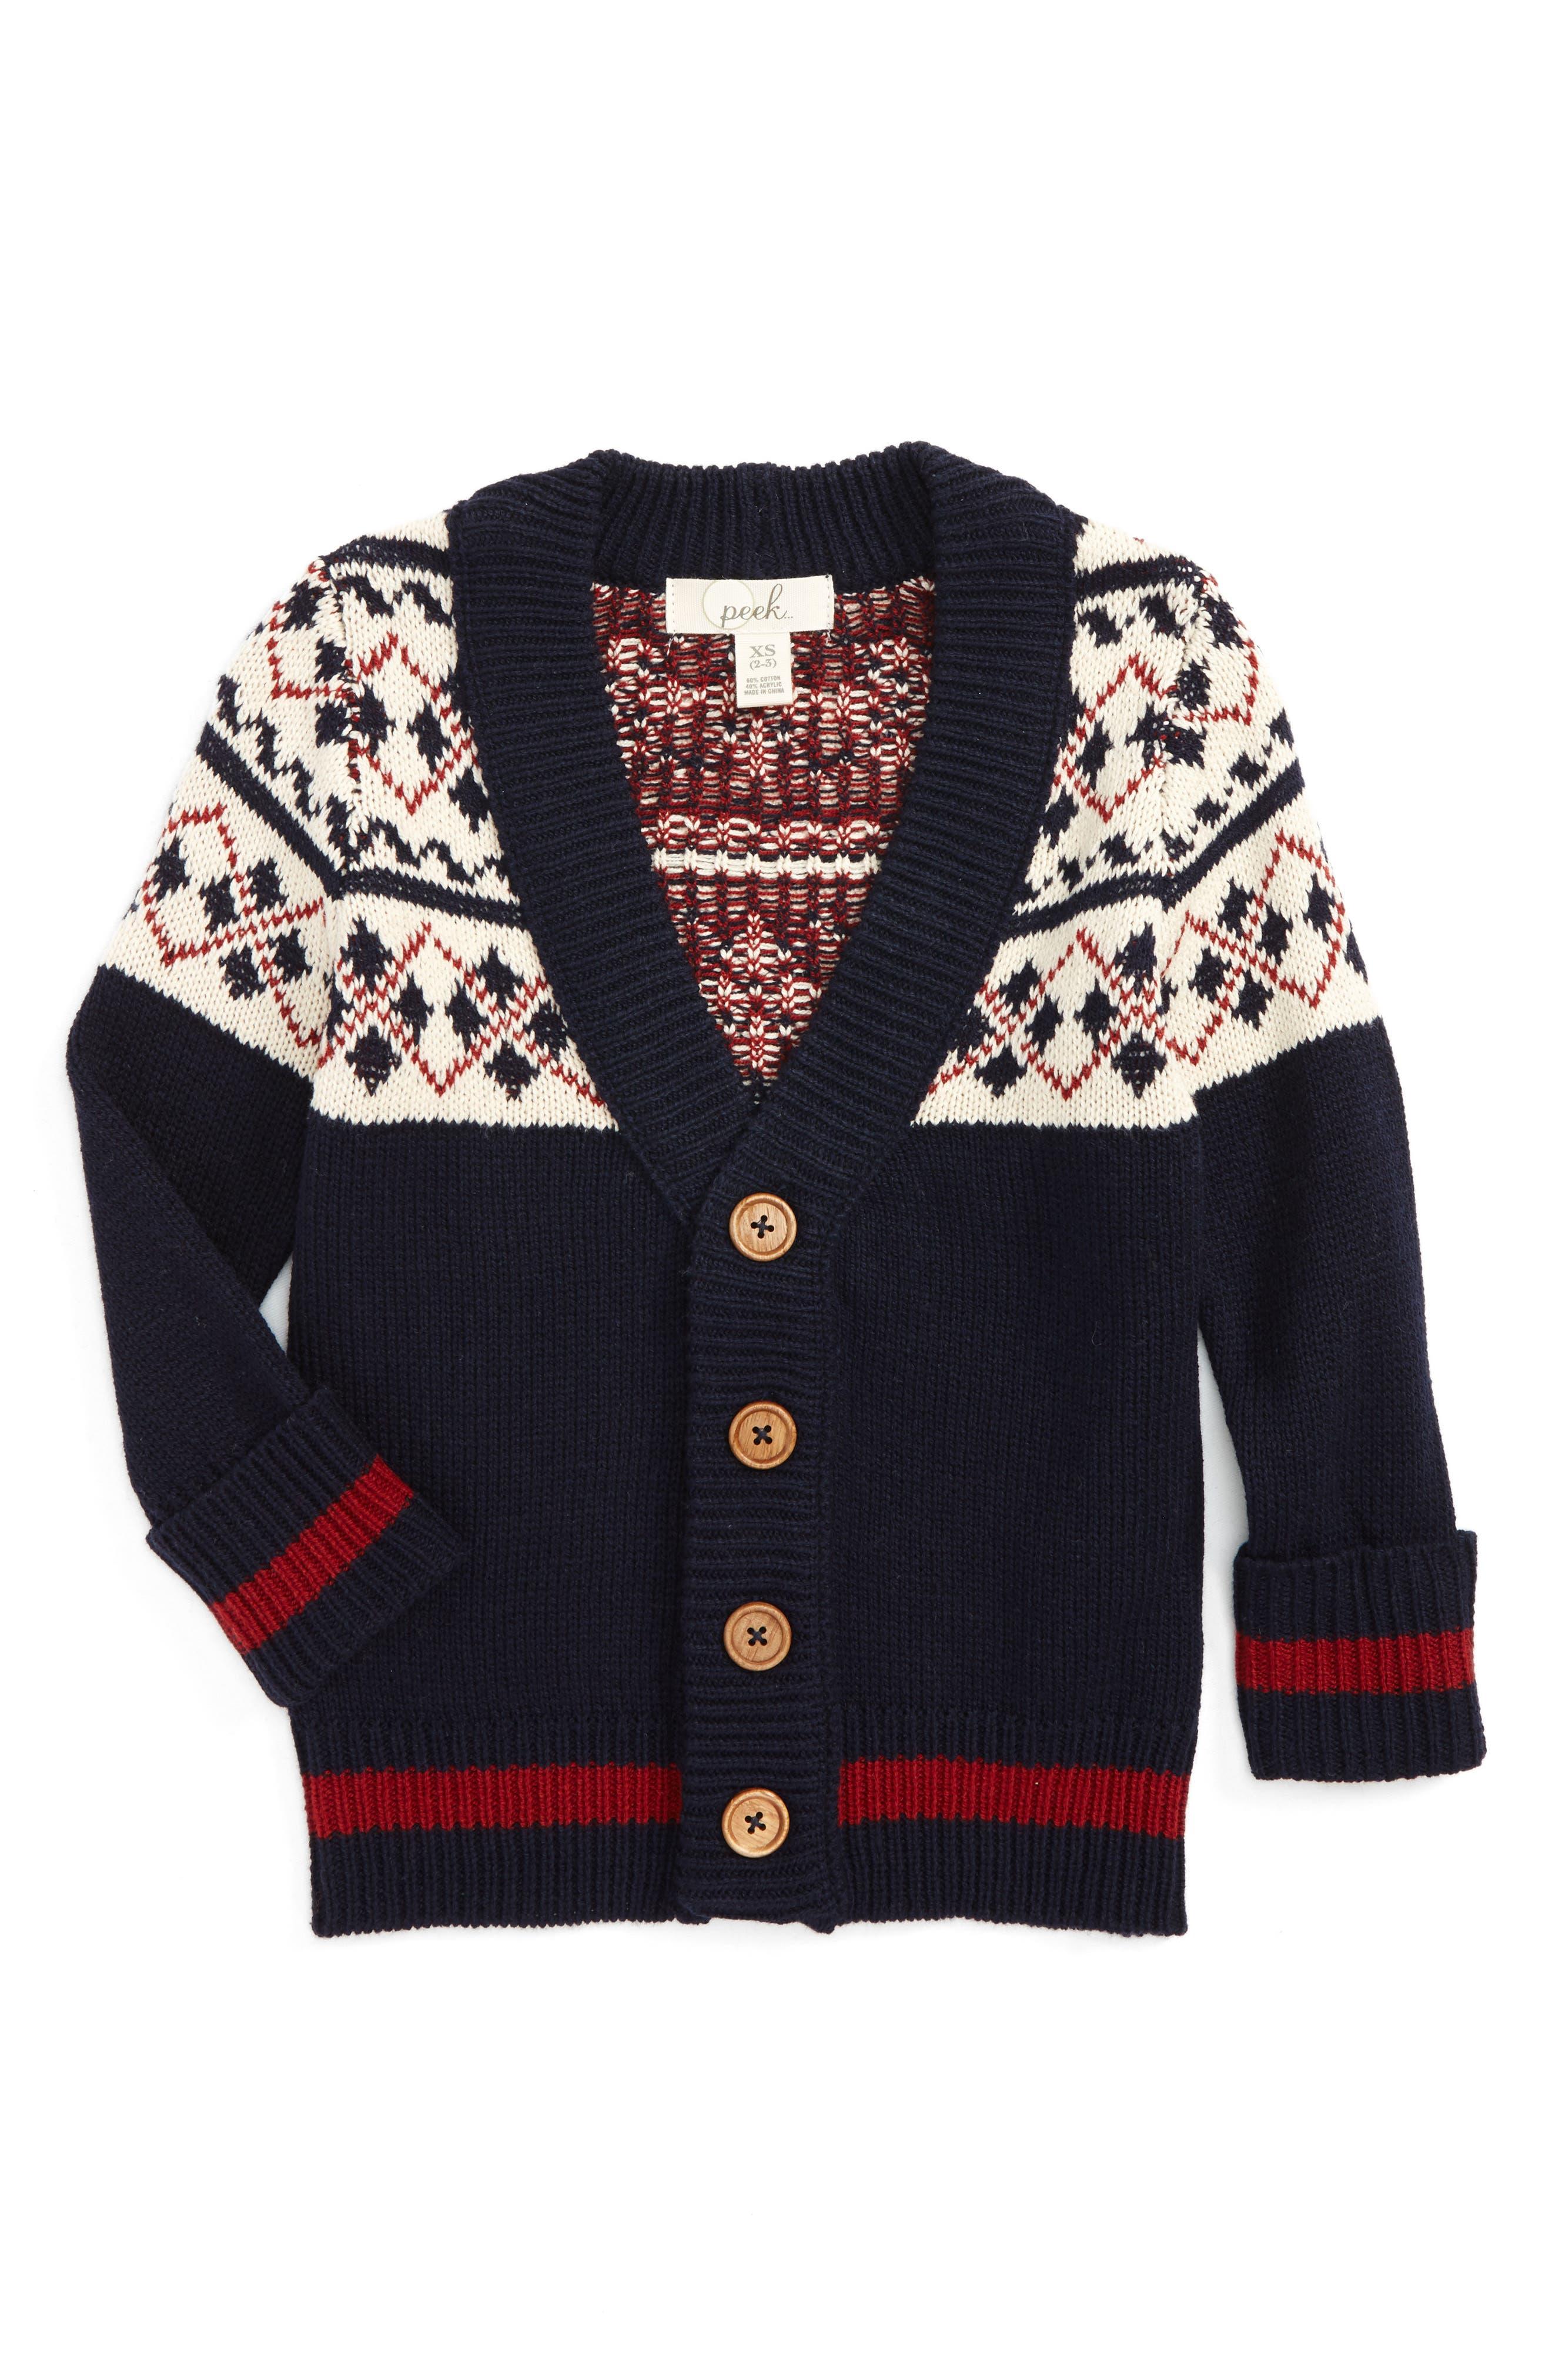 Mackai Pattern Cardigan Sweater,                             Main thumbnail 1, color,                             410